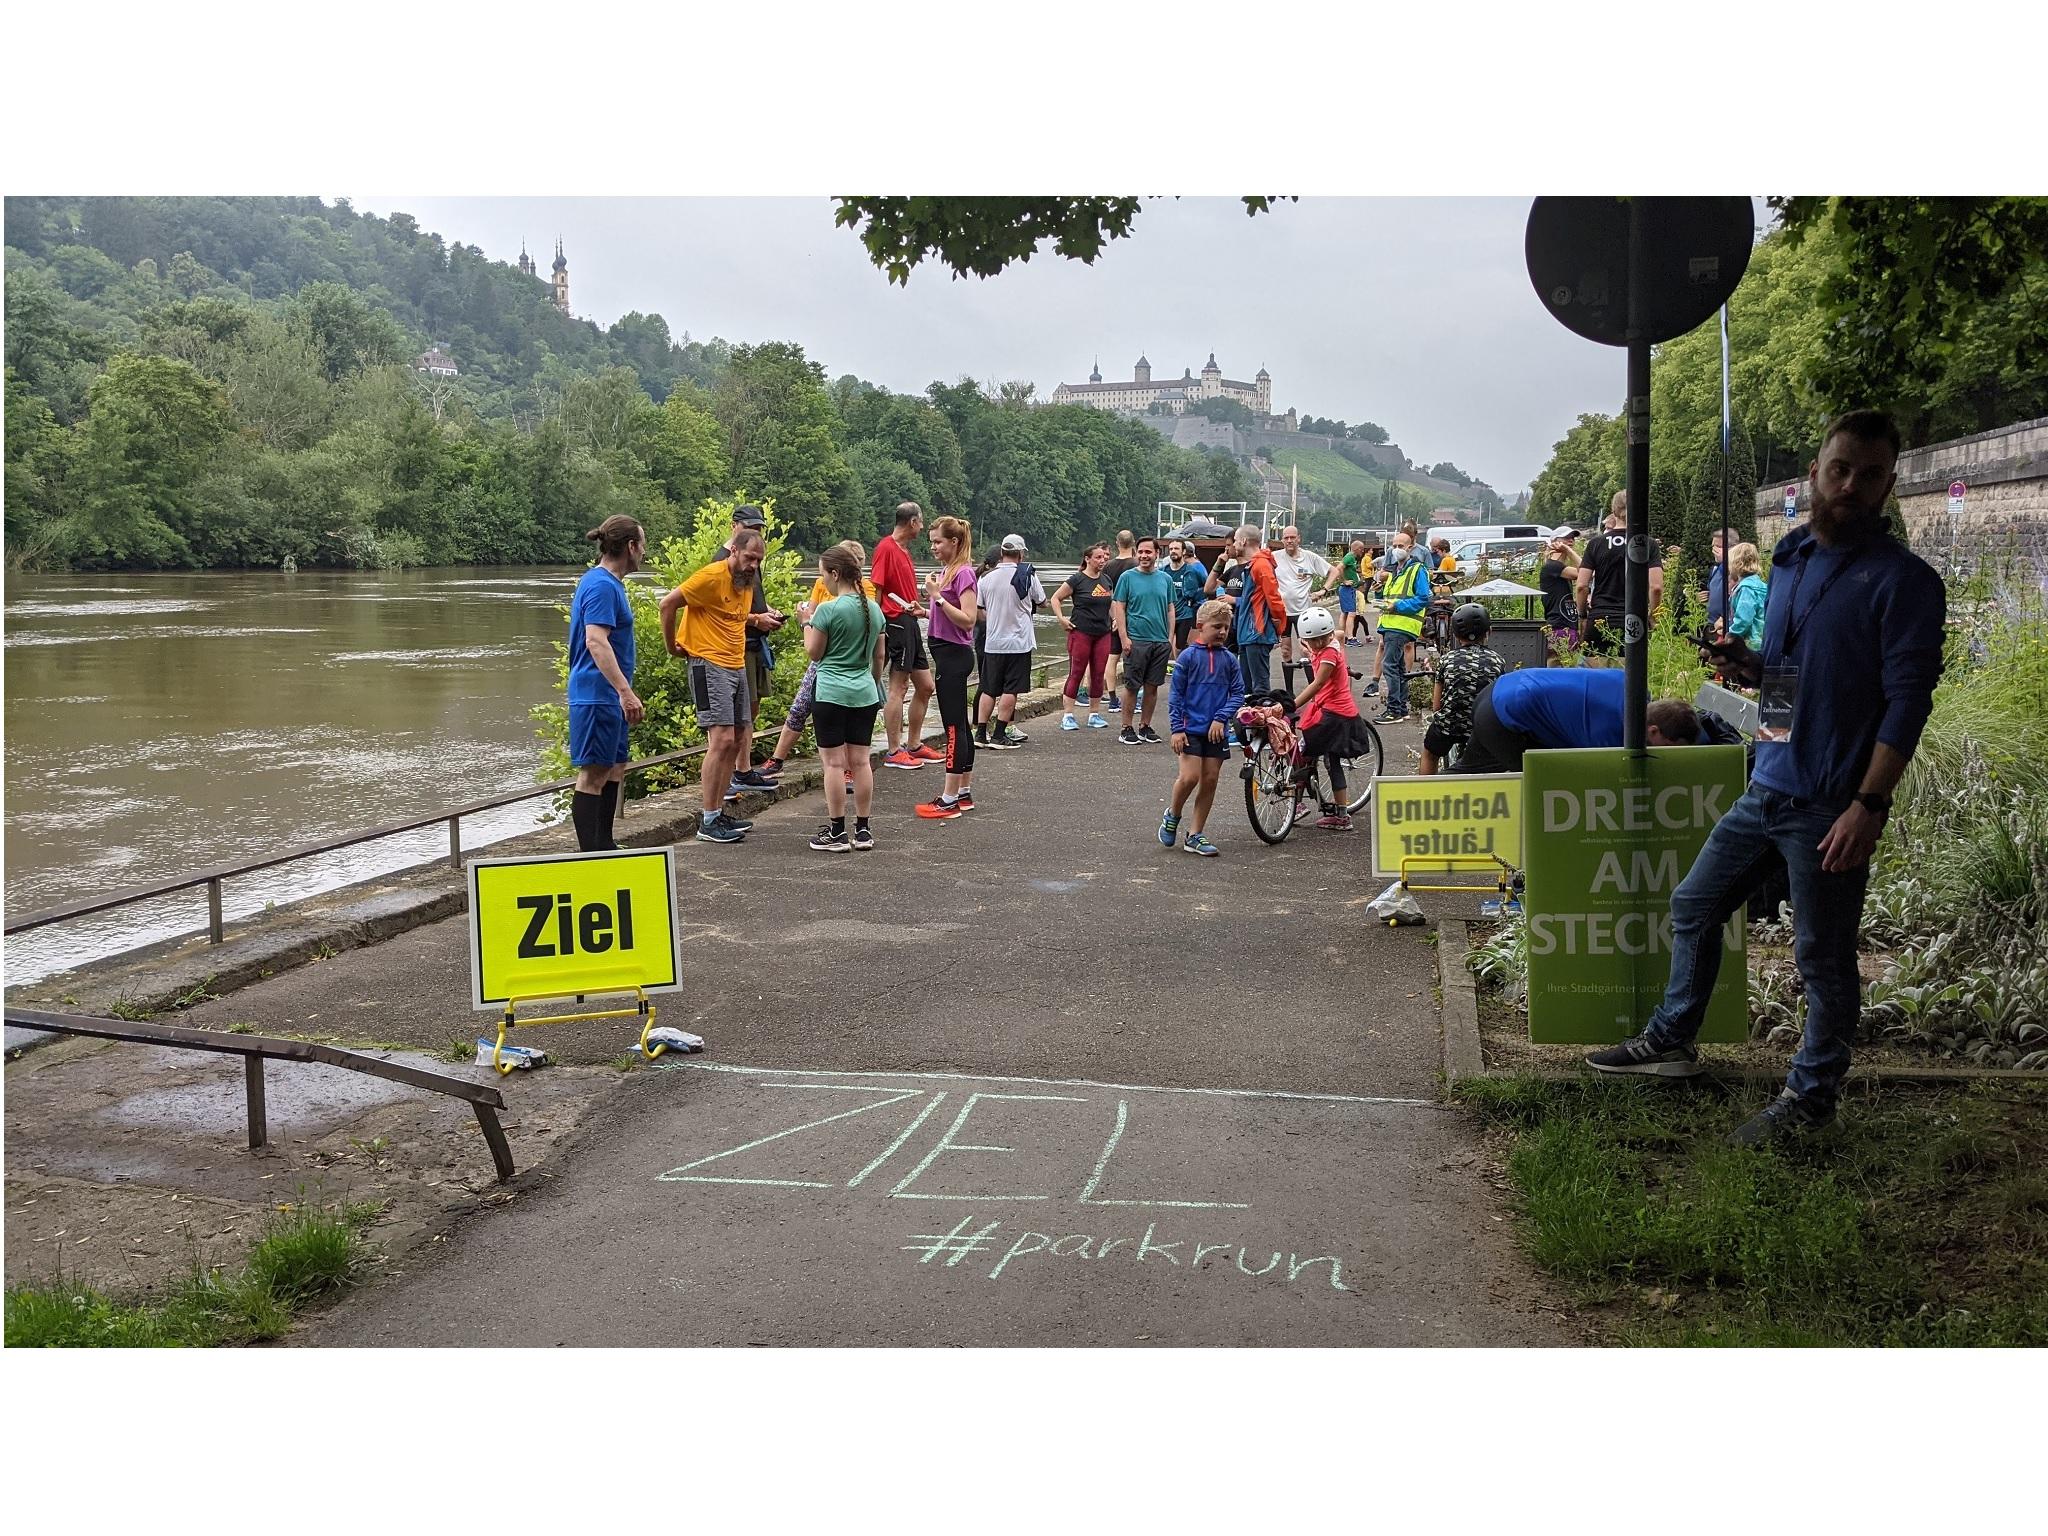 Nach 5 km ist das Ziel erreicht. Foto: